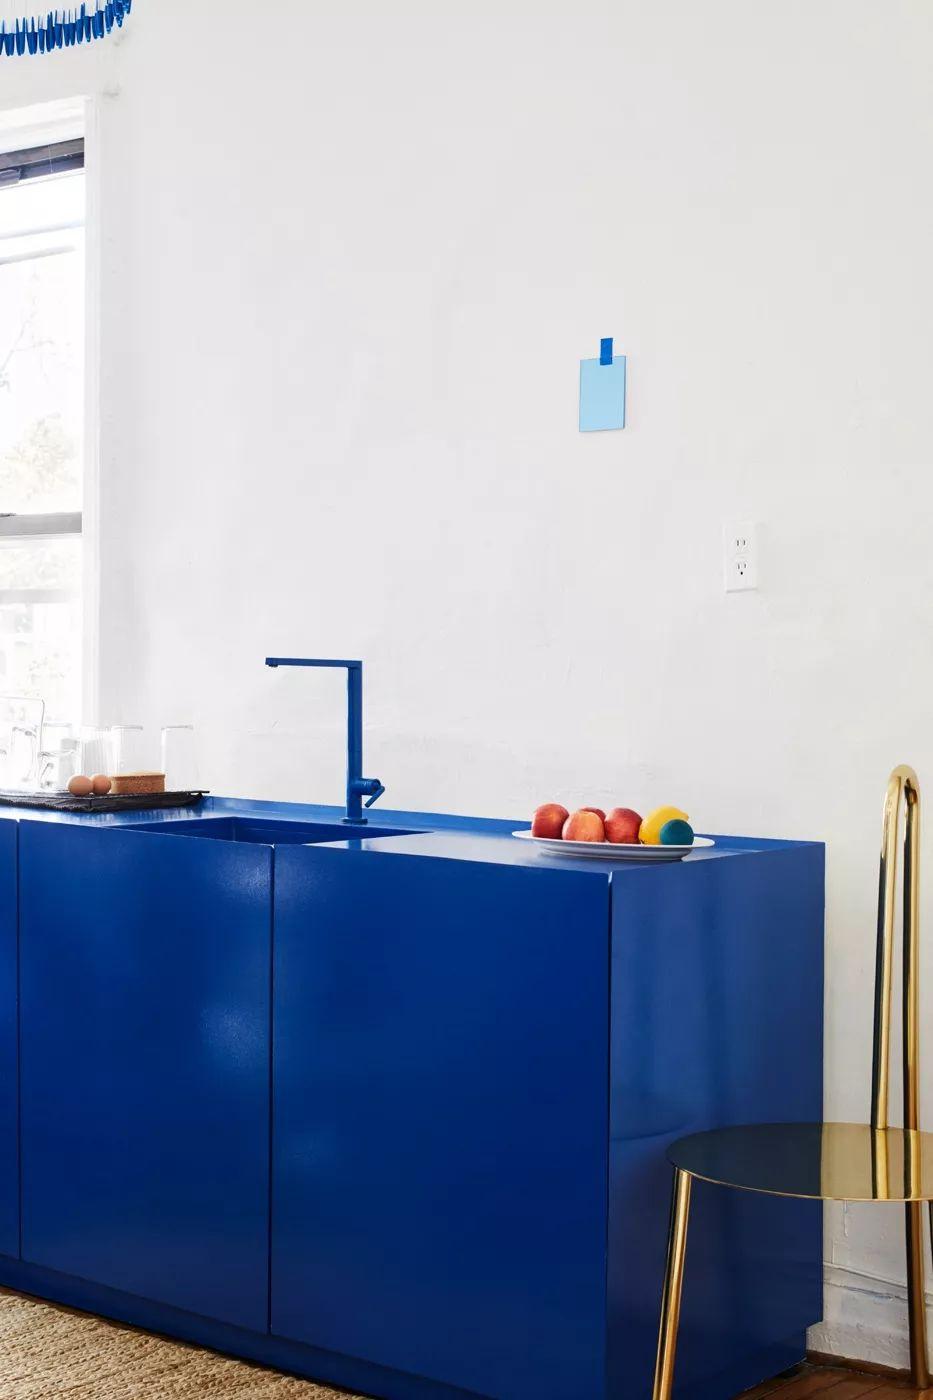 ilaria fatone inspirations - une cuisine en bleu klein